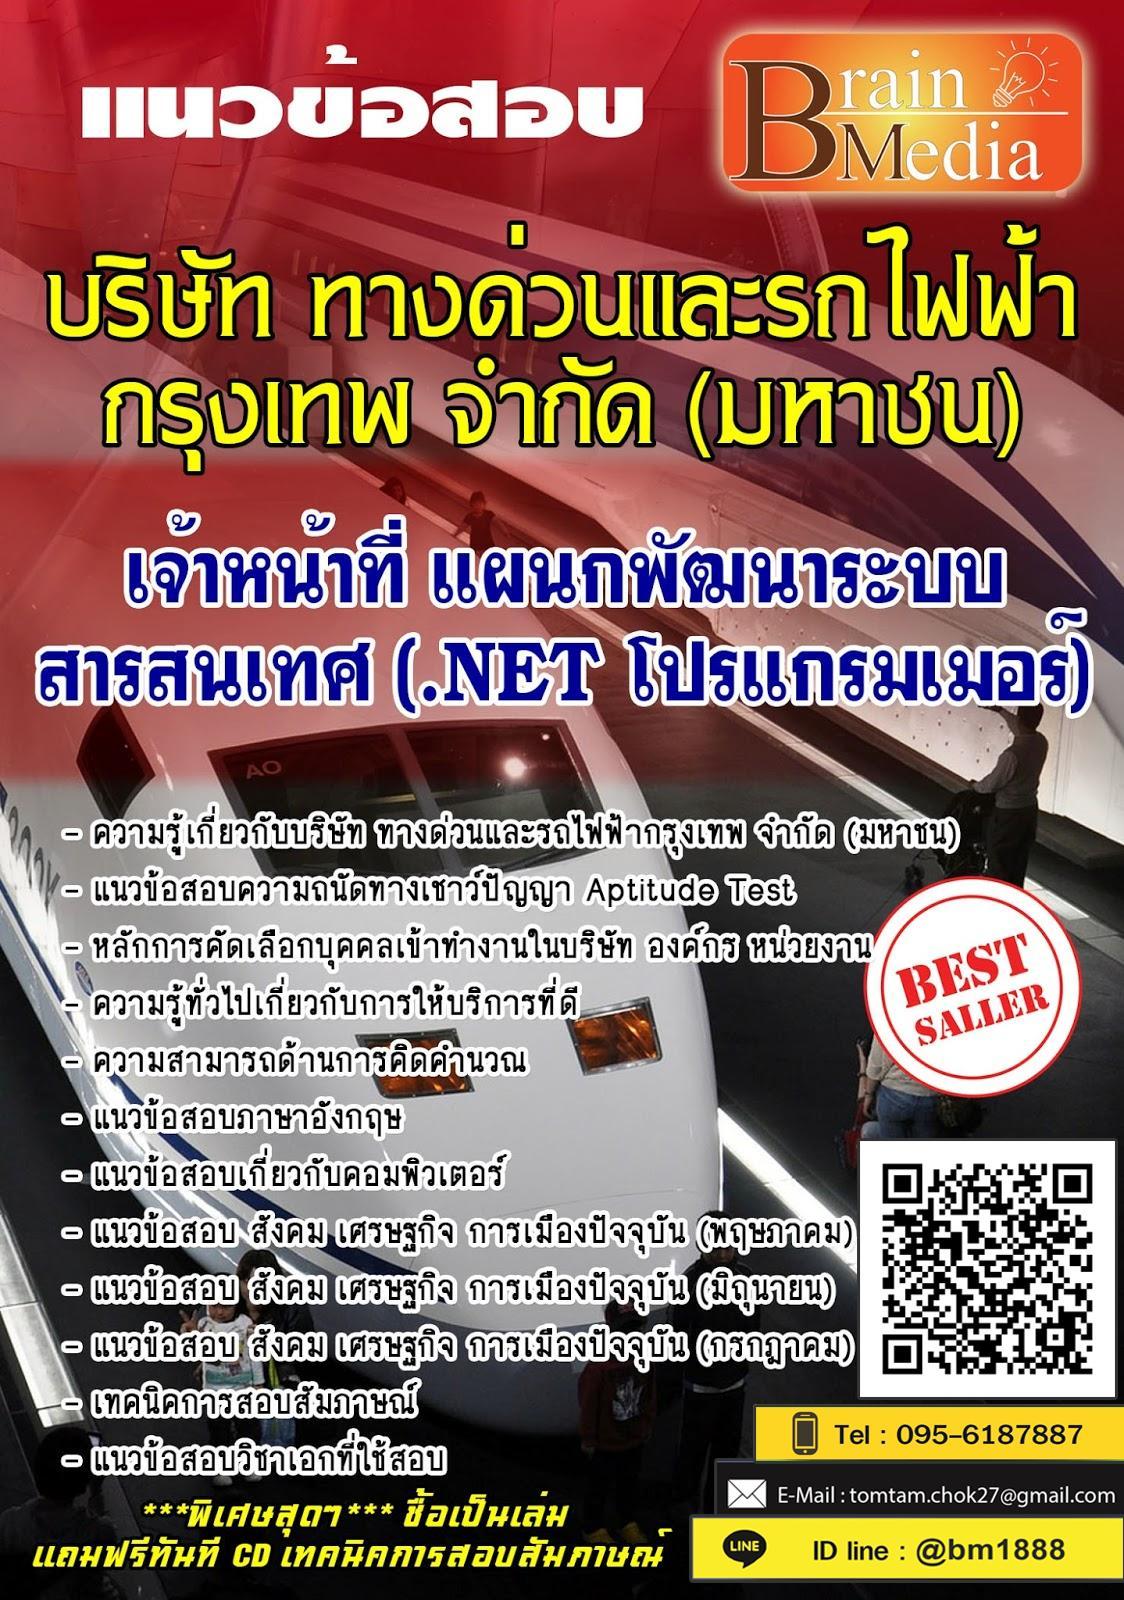 สรุปแนวข้อสอบ เจ้าหน้าที่ แผนกพัฒนาระบบสารสนเทศ(.NET โปรแกรมเมอร์) บริษัท ทางด่วนและรถไฟฟ้ากรุงเทพ จำกัด (มหาชน)